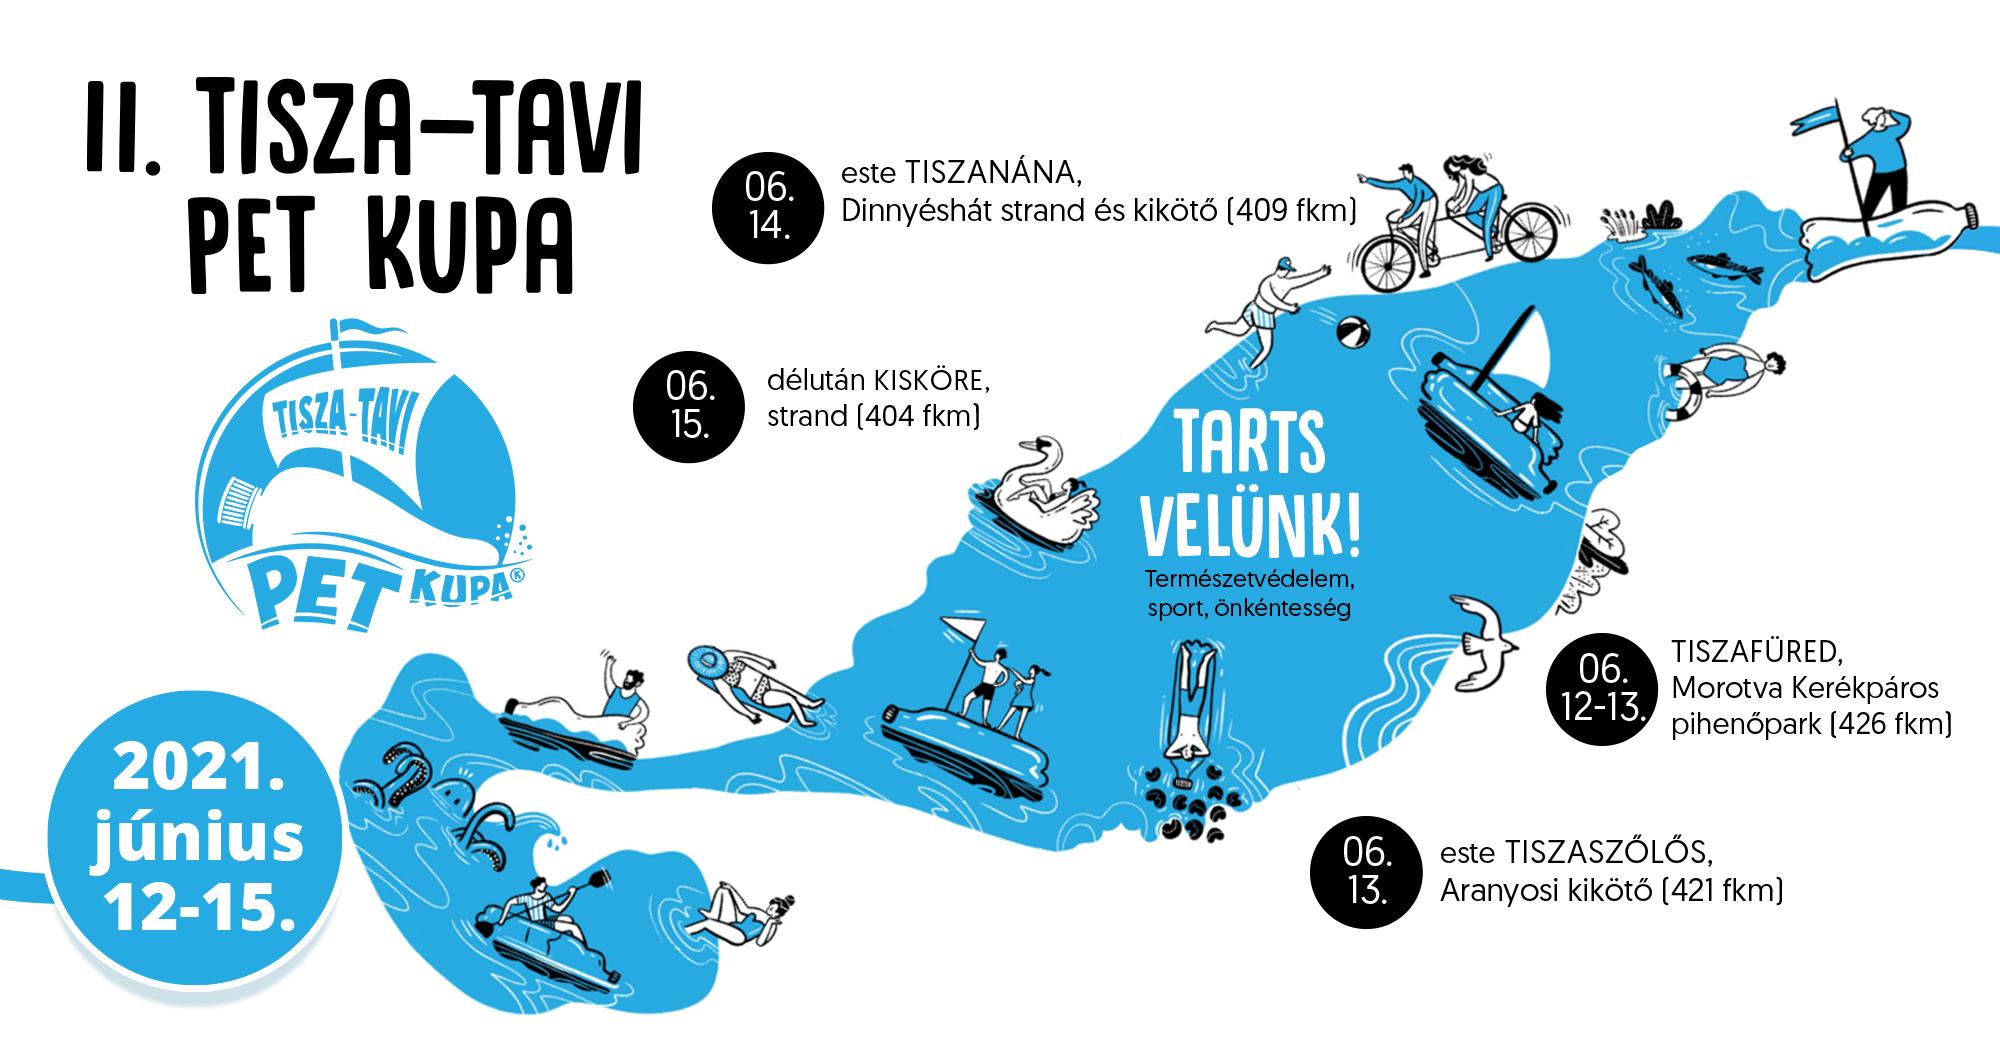 Több mint öt tonna hulladék gyűlt össze a II. Tisza-tavi PET Kupán